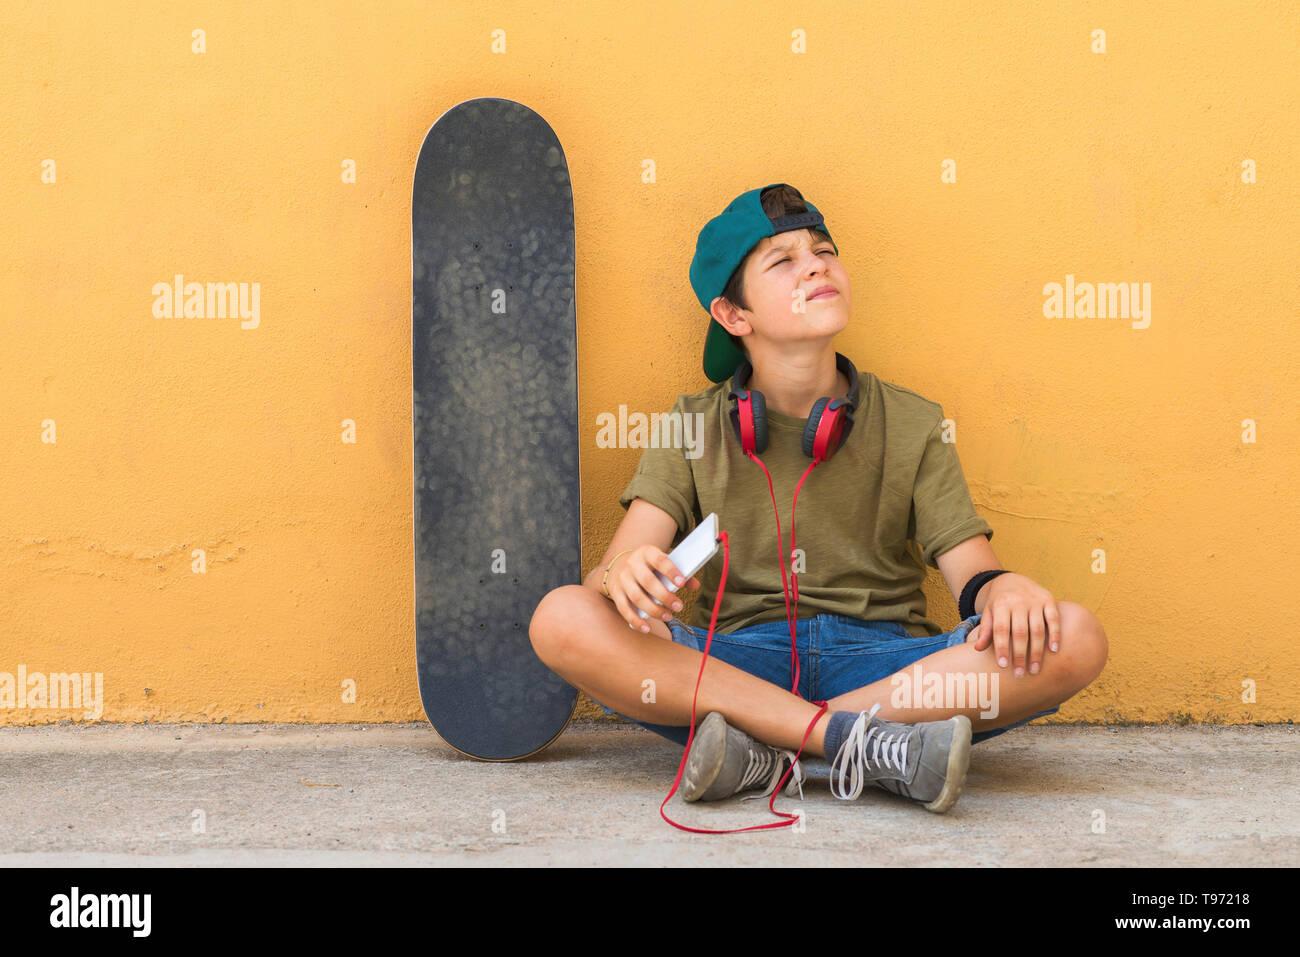 5c685fcd1b Vista frontal de un joven sentado en el suelo apoyándose sobre una pared  amarilla mientras se